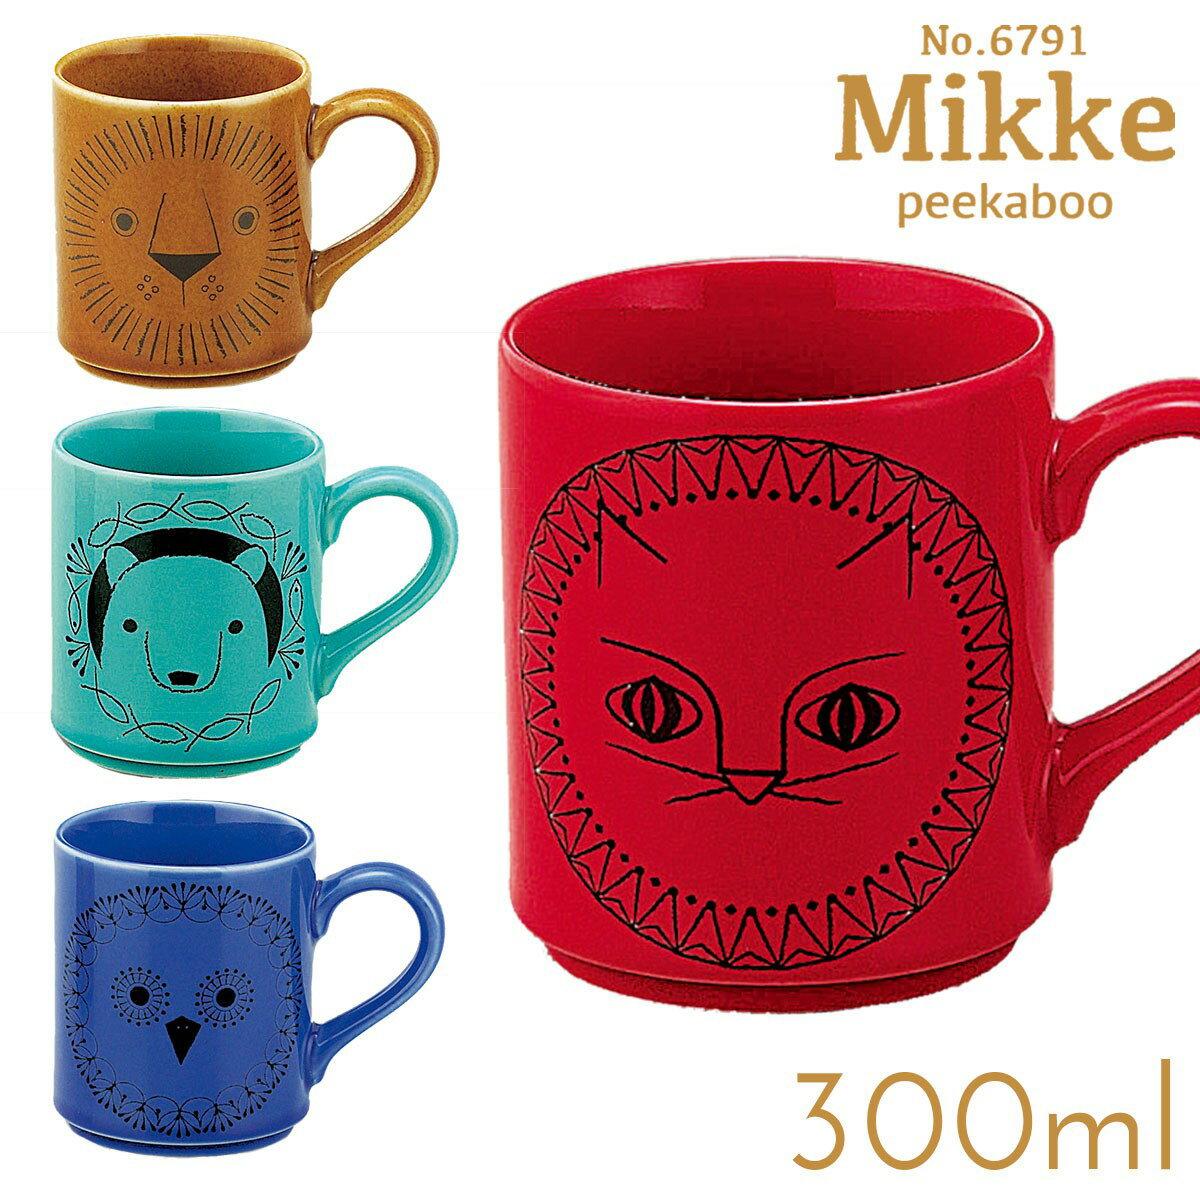 マグカップ 北欧 ミッケ Mikke 電子レンジ対応おしゃれ かわいい